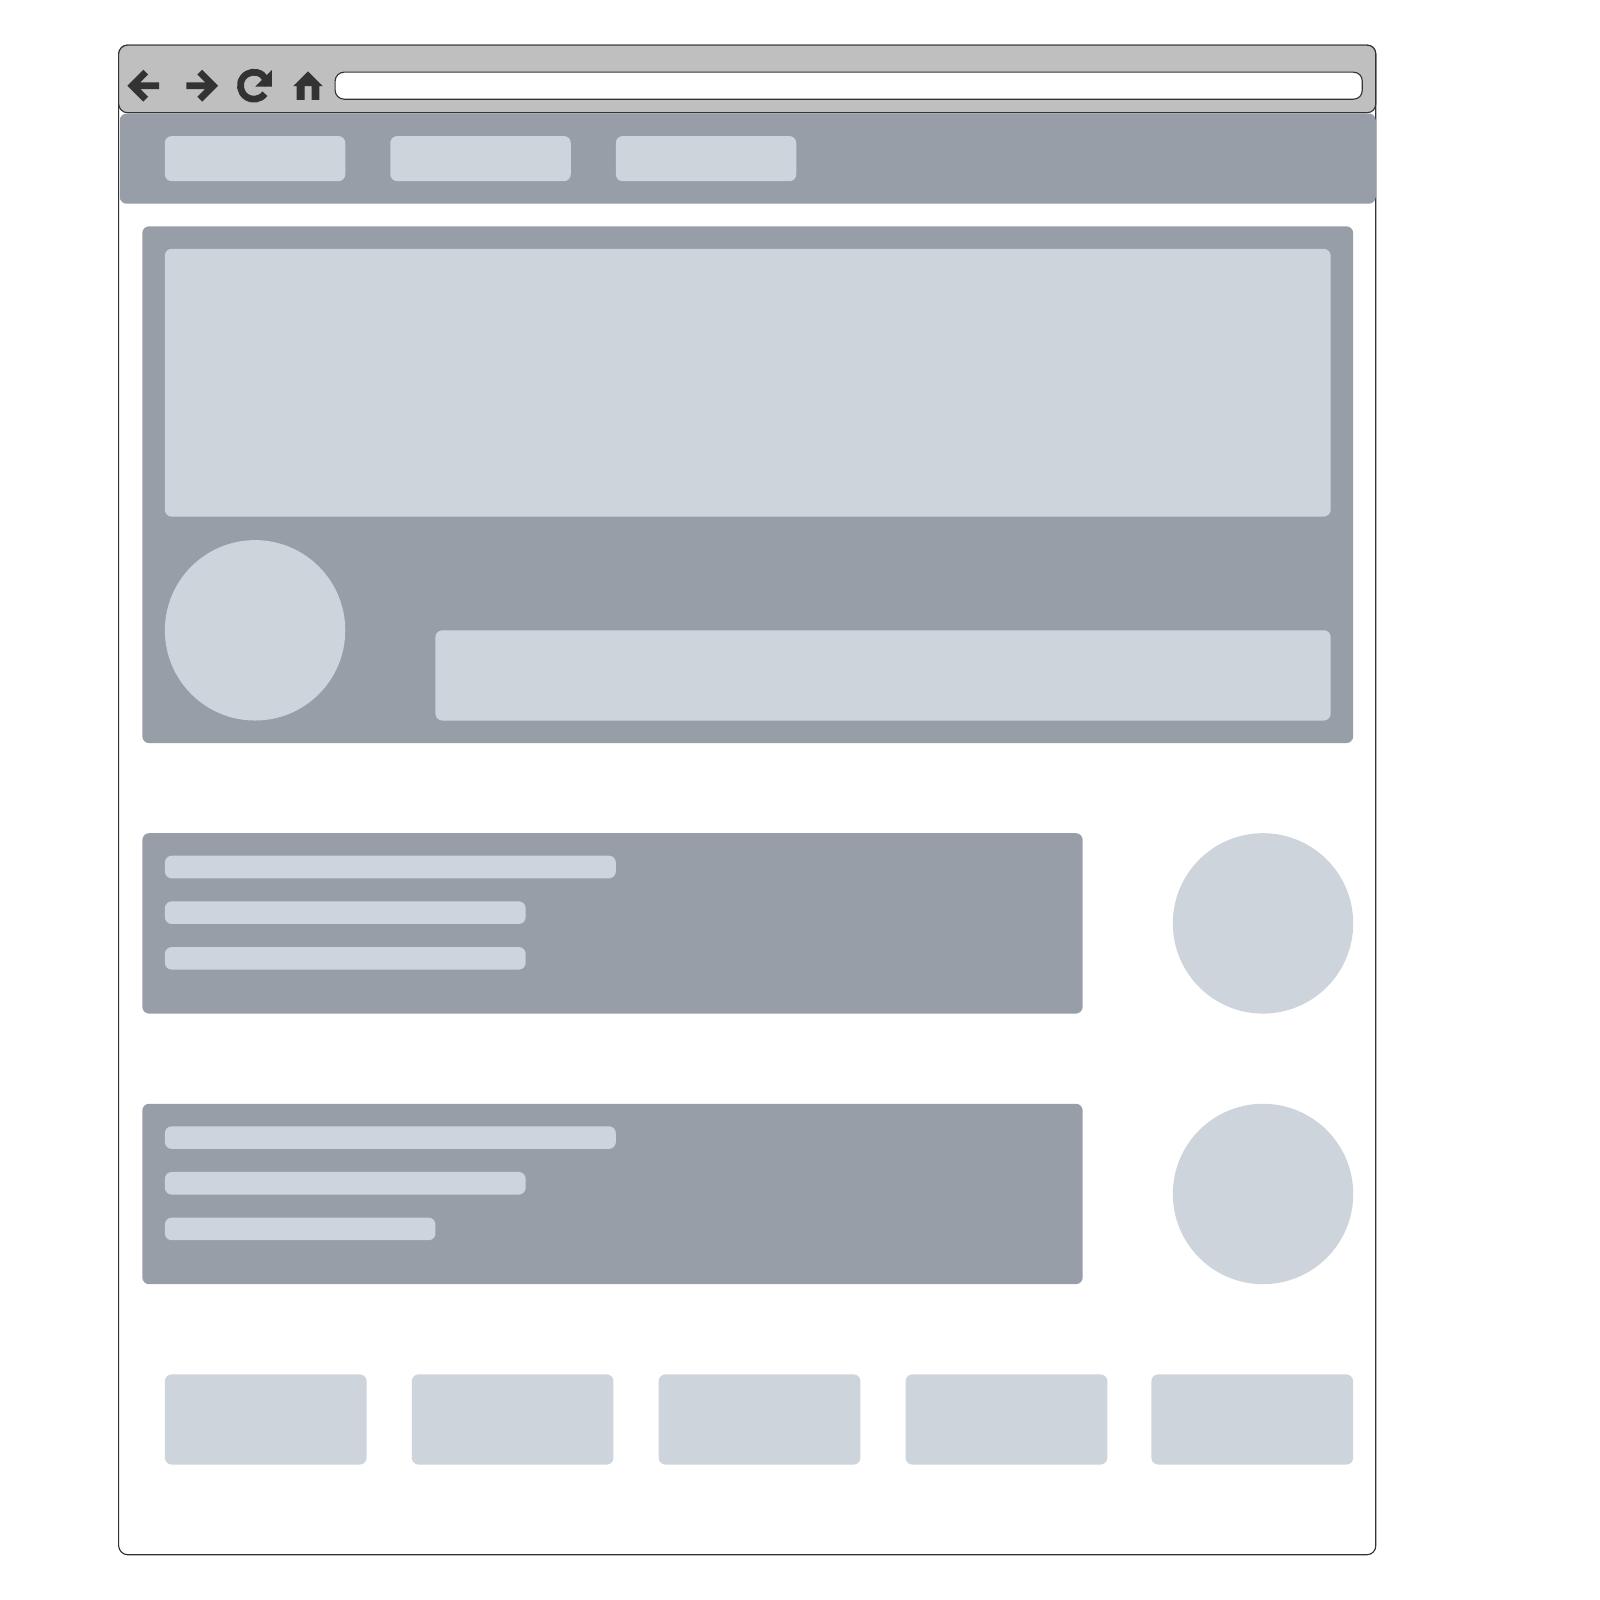 Modello di wireframe per sito web